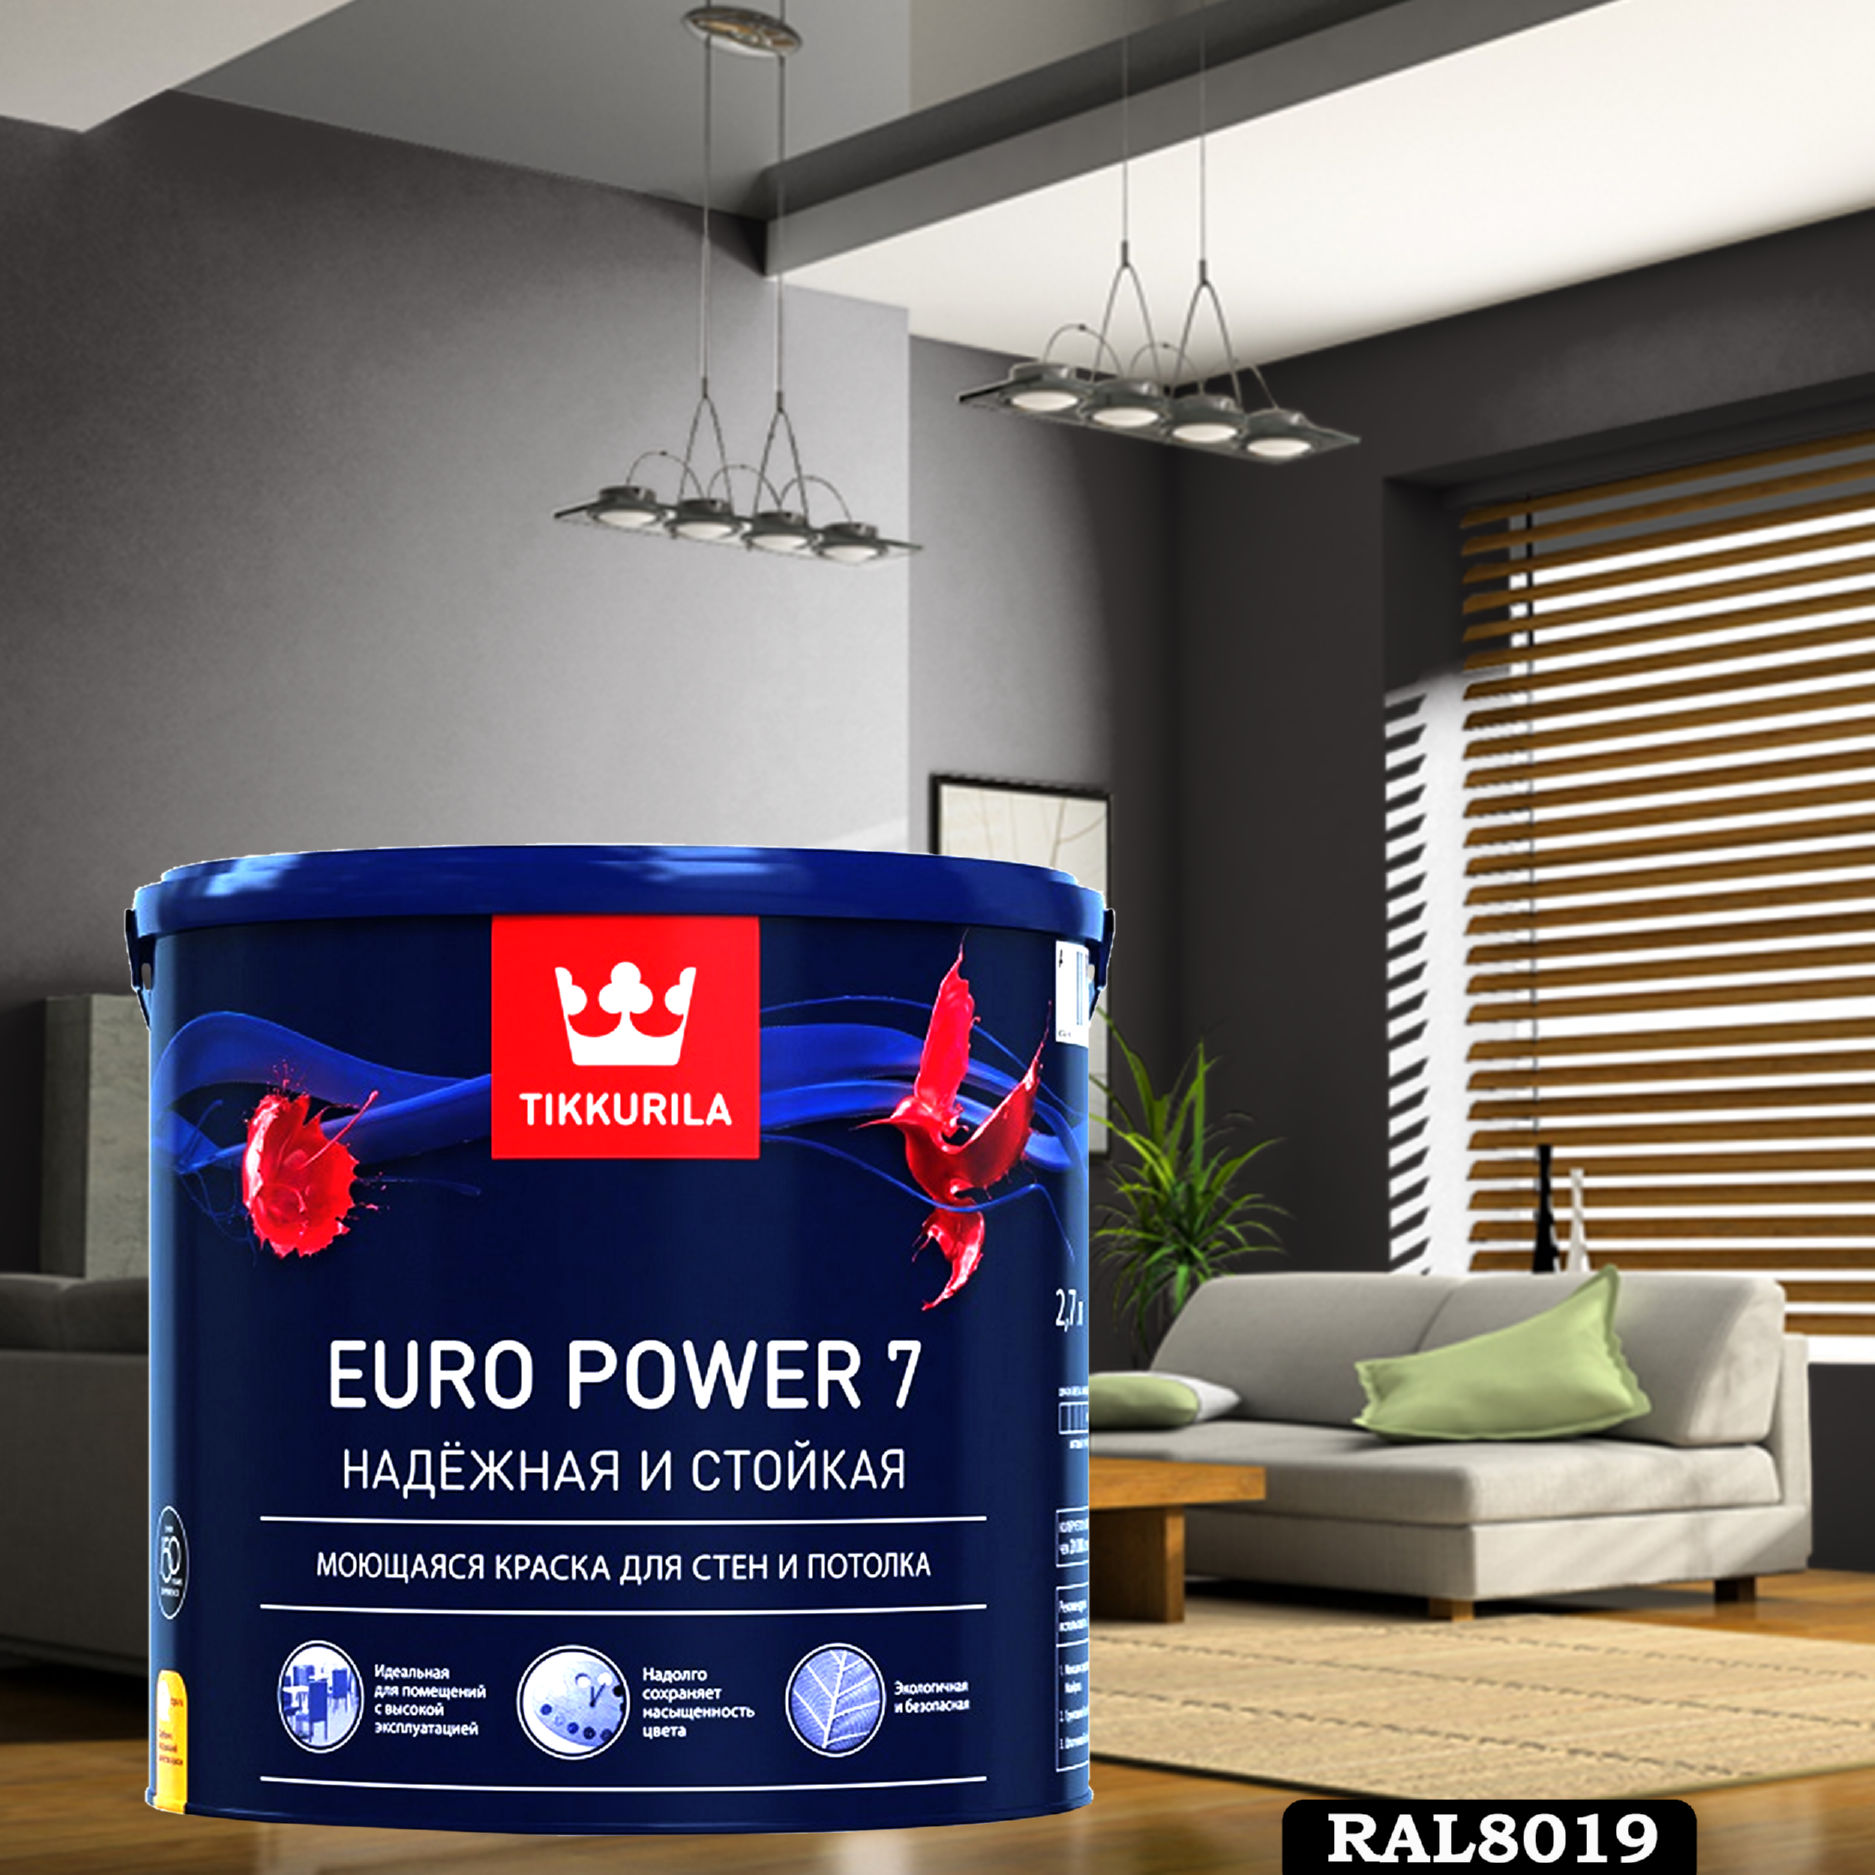 Фото 14 - Краска TIKKURILA Euro Power 7,  RAL 8019 Серо-коричневый, латексная моющаяся матовая интерьерная, 9 л.